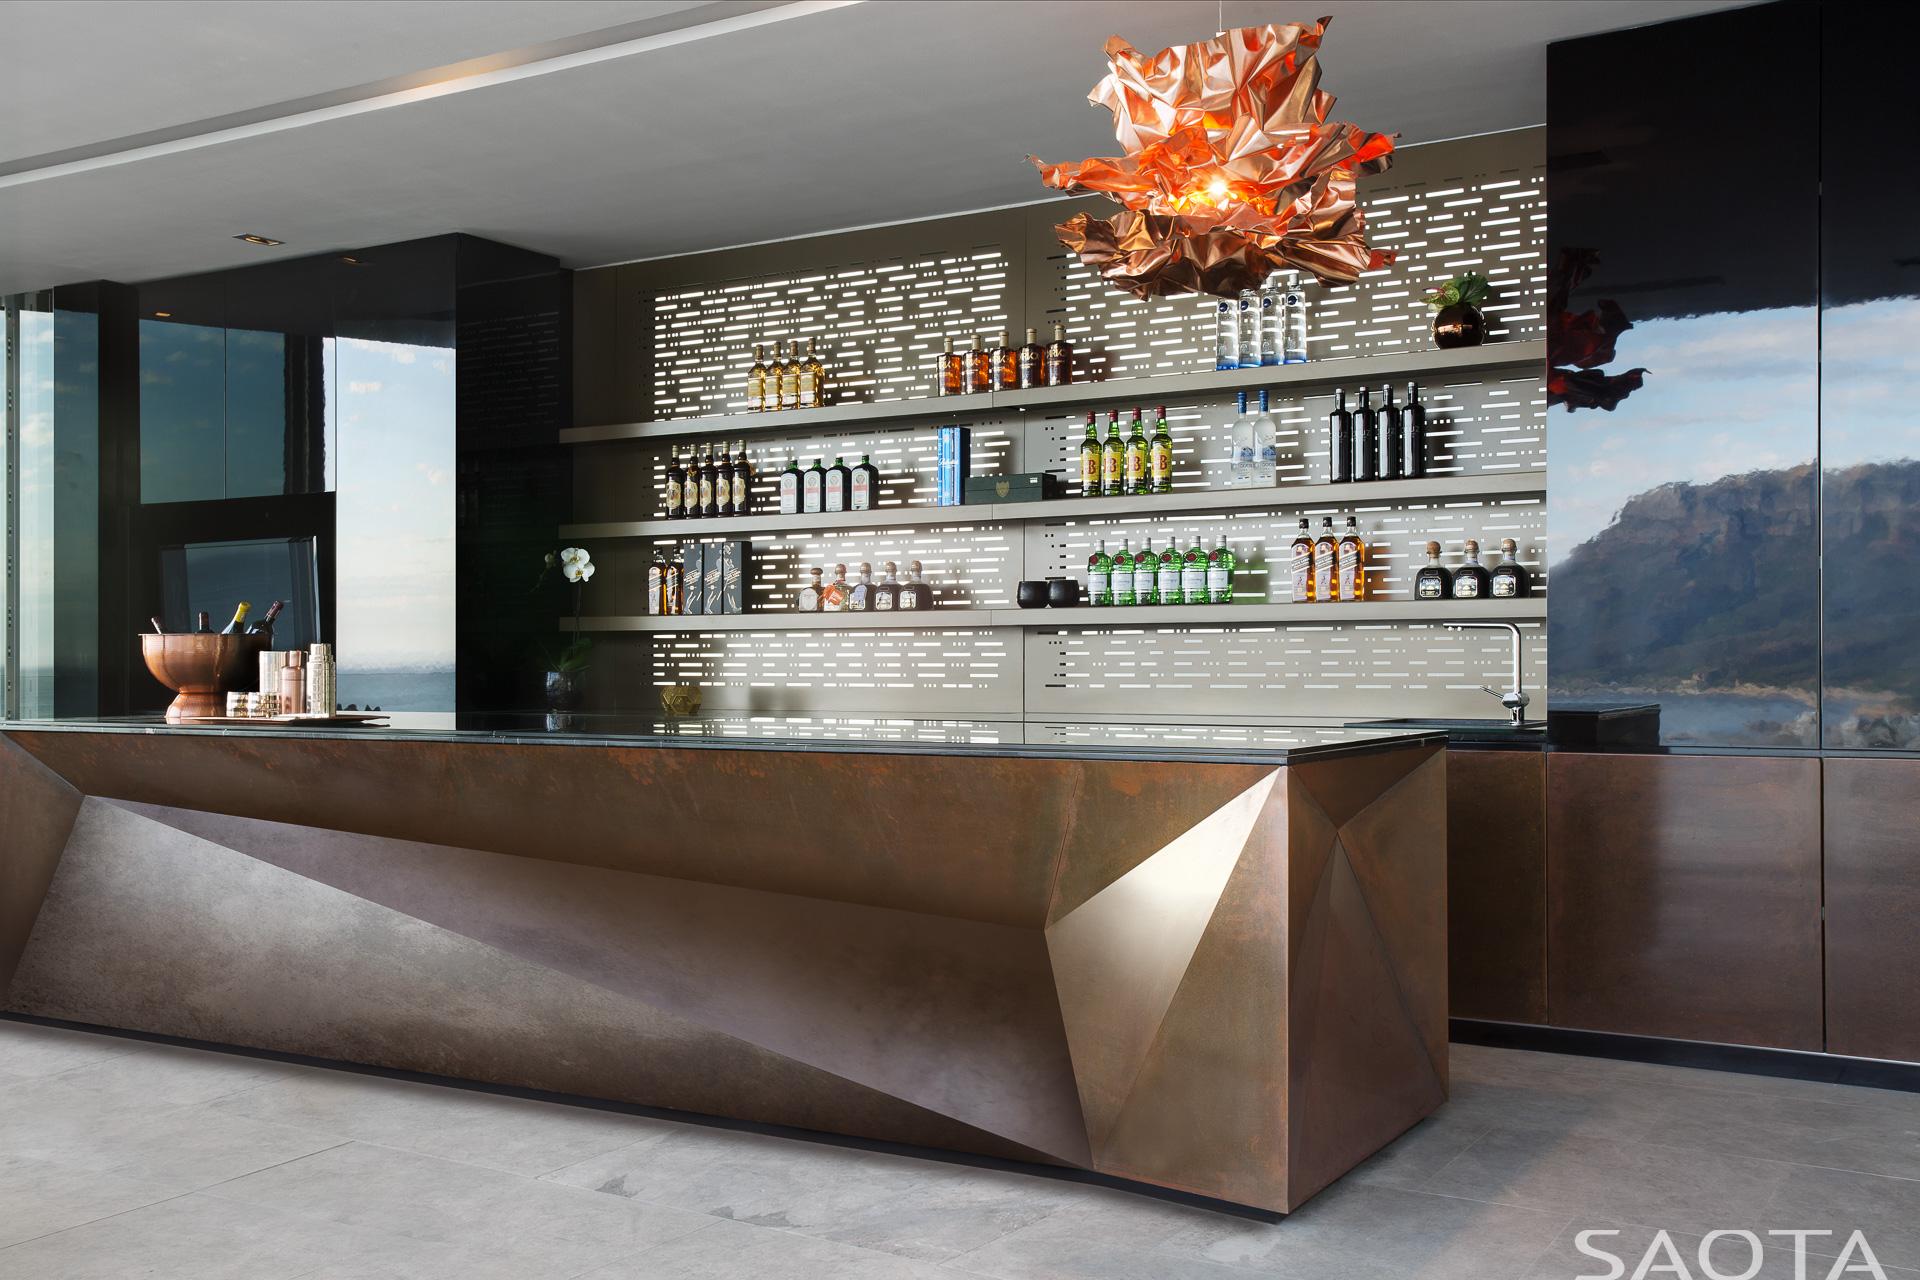 quán bar tuyệt vời